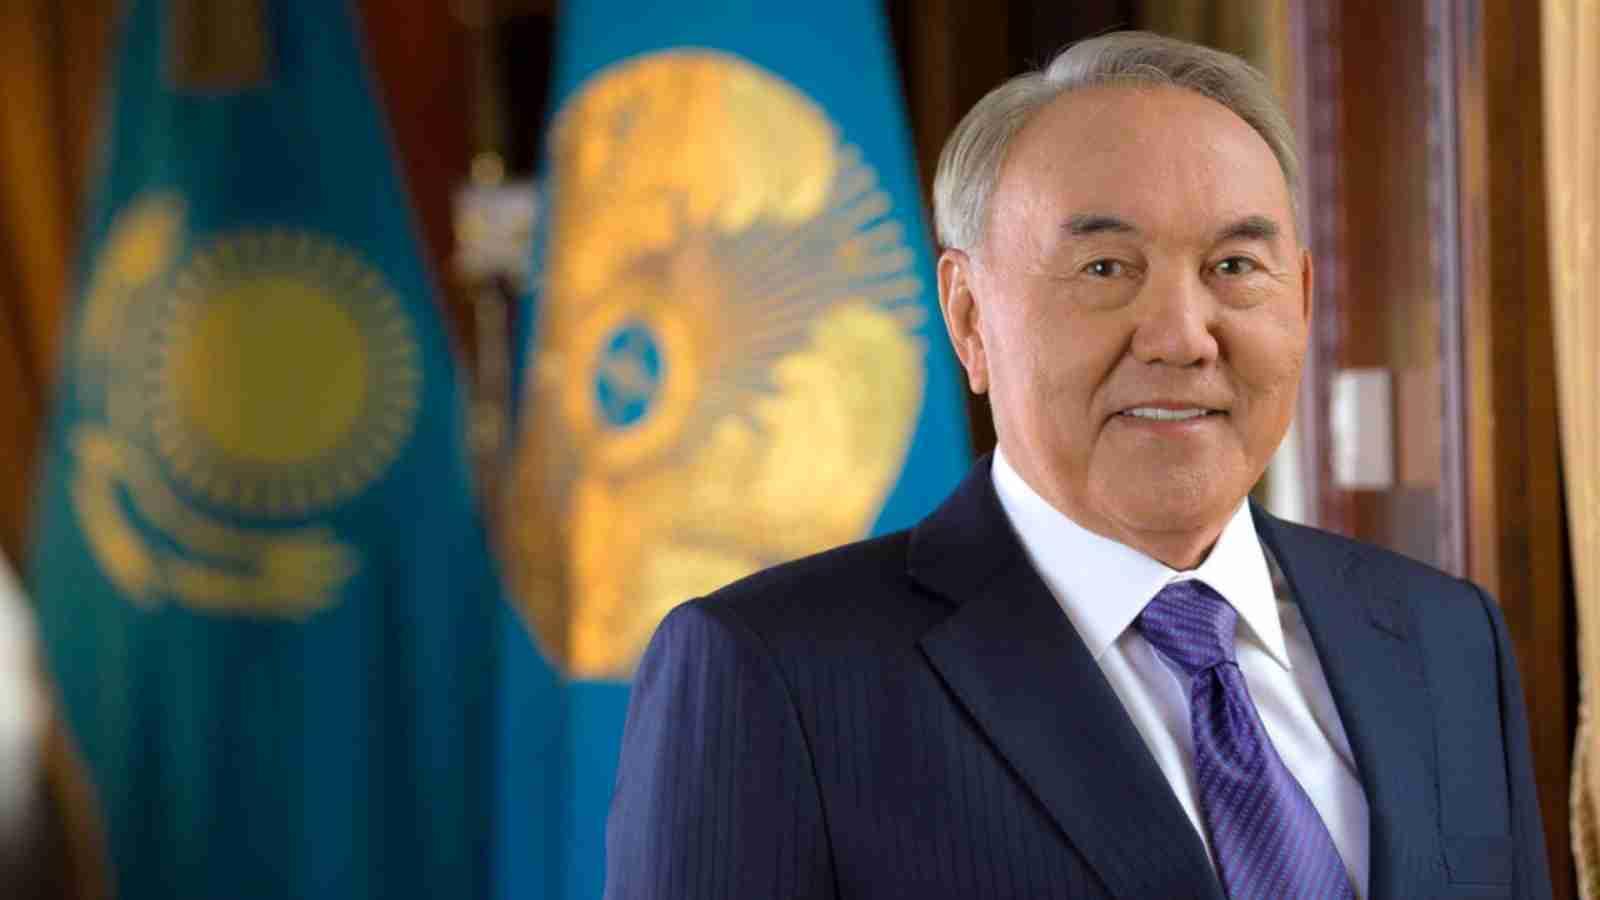 Нурсултан Назарбаев: интересные факты из биографии Елбасы